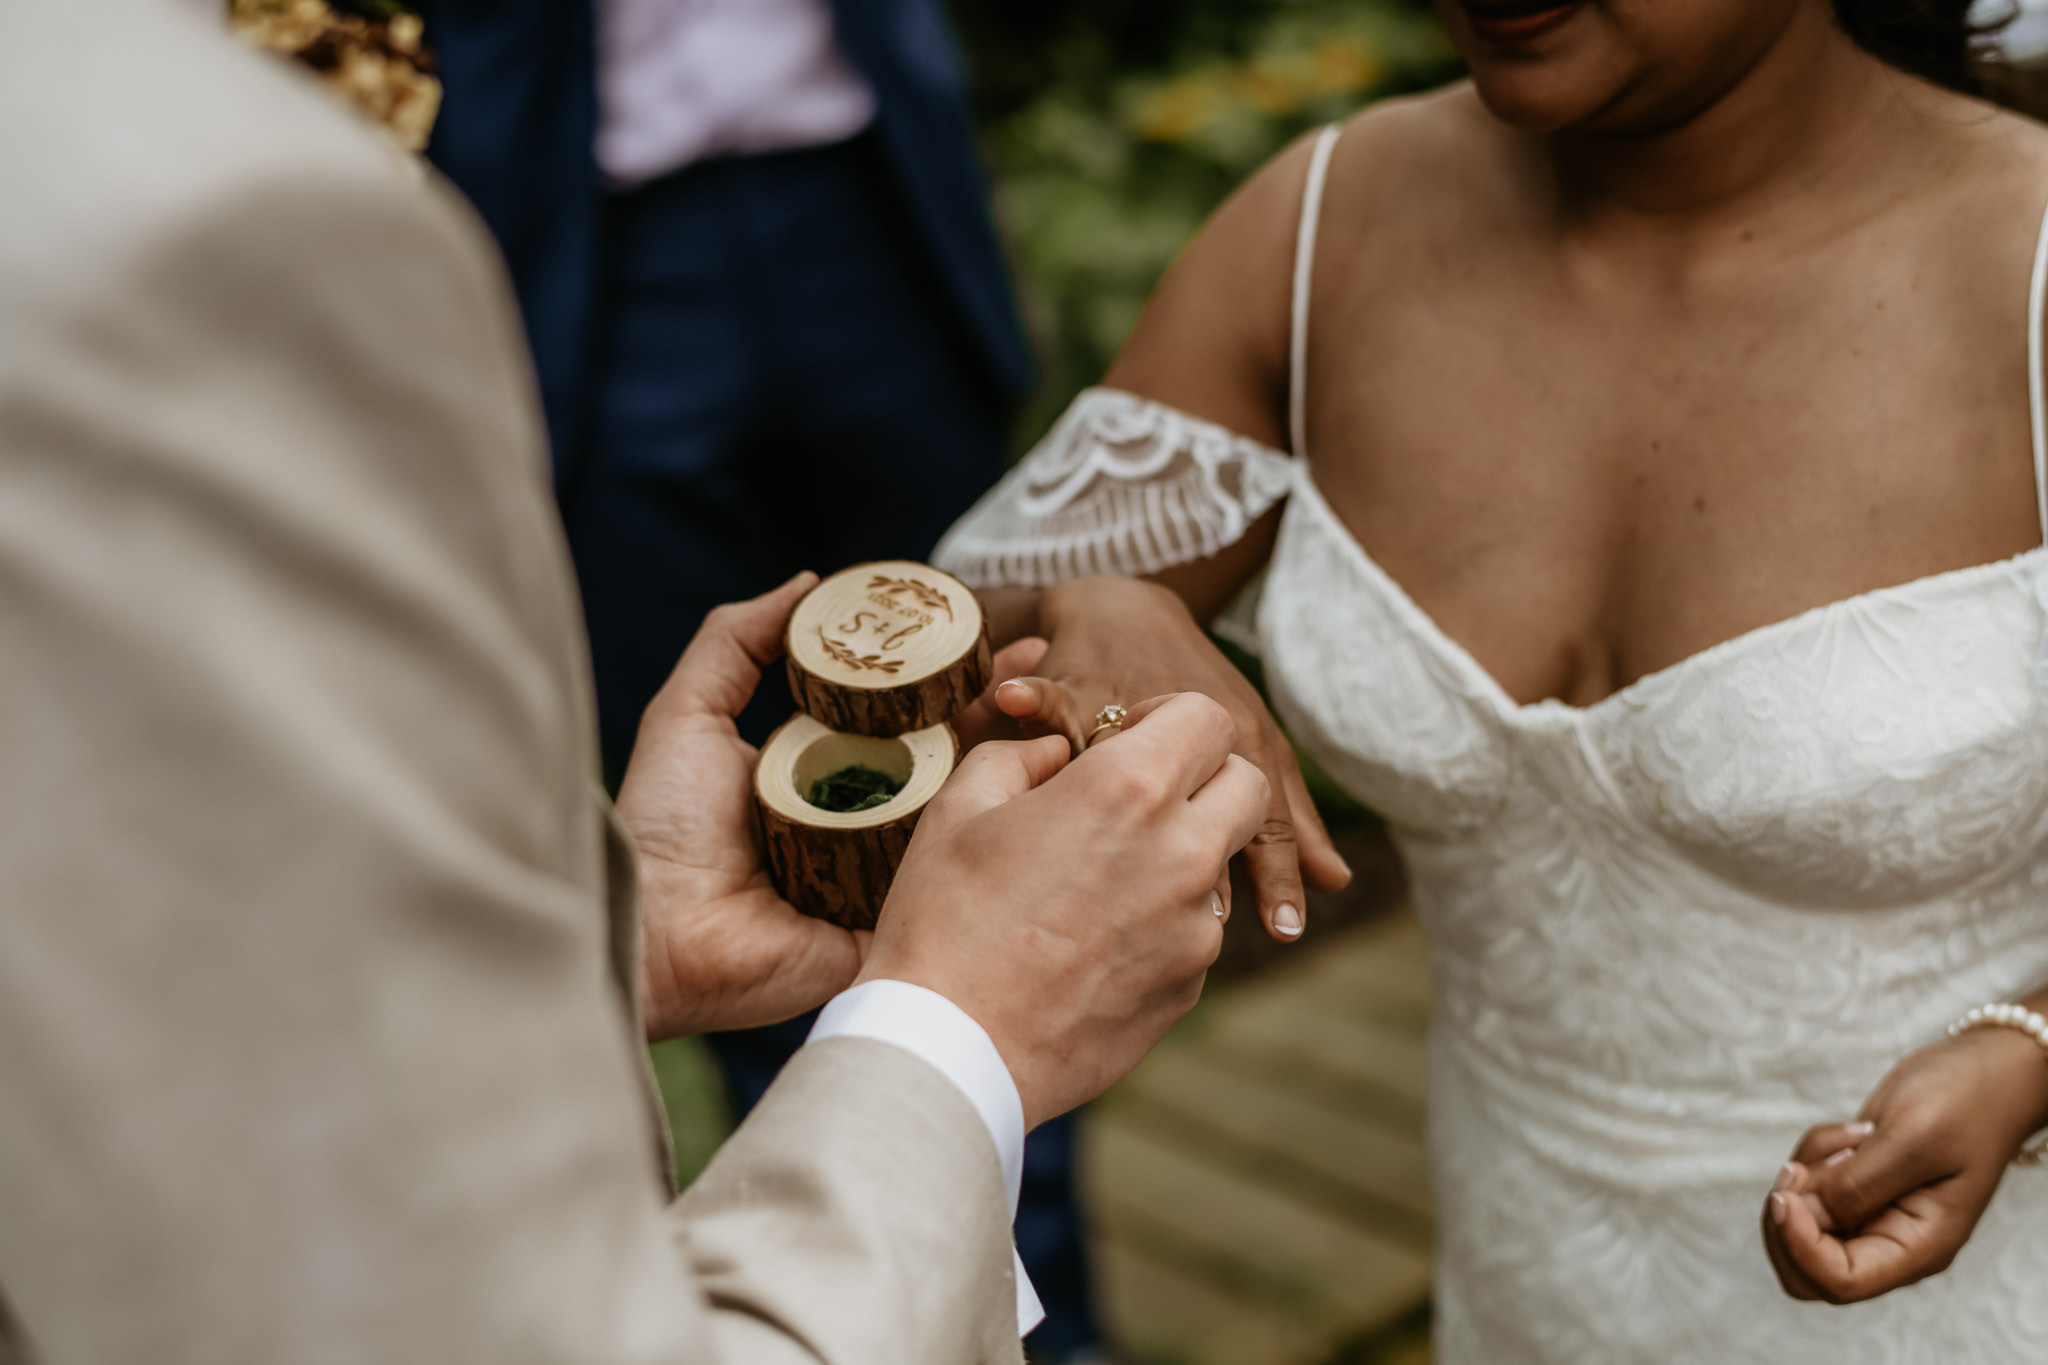 Heerlijke bruiloft in eigen tuin - thuis trouwen